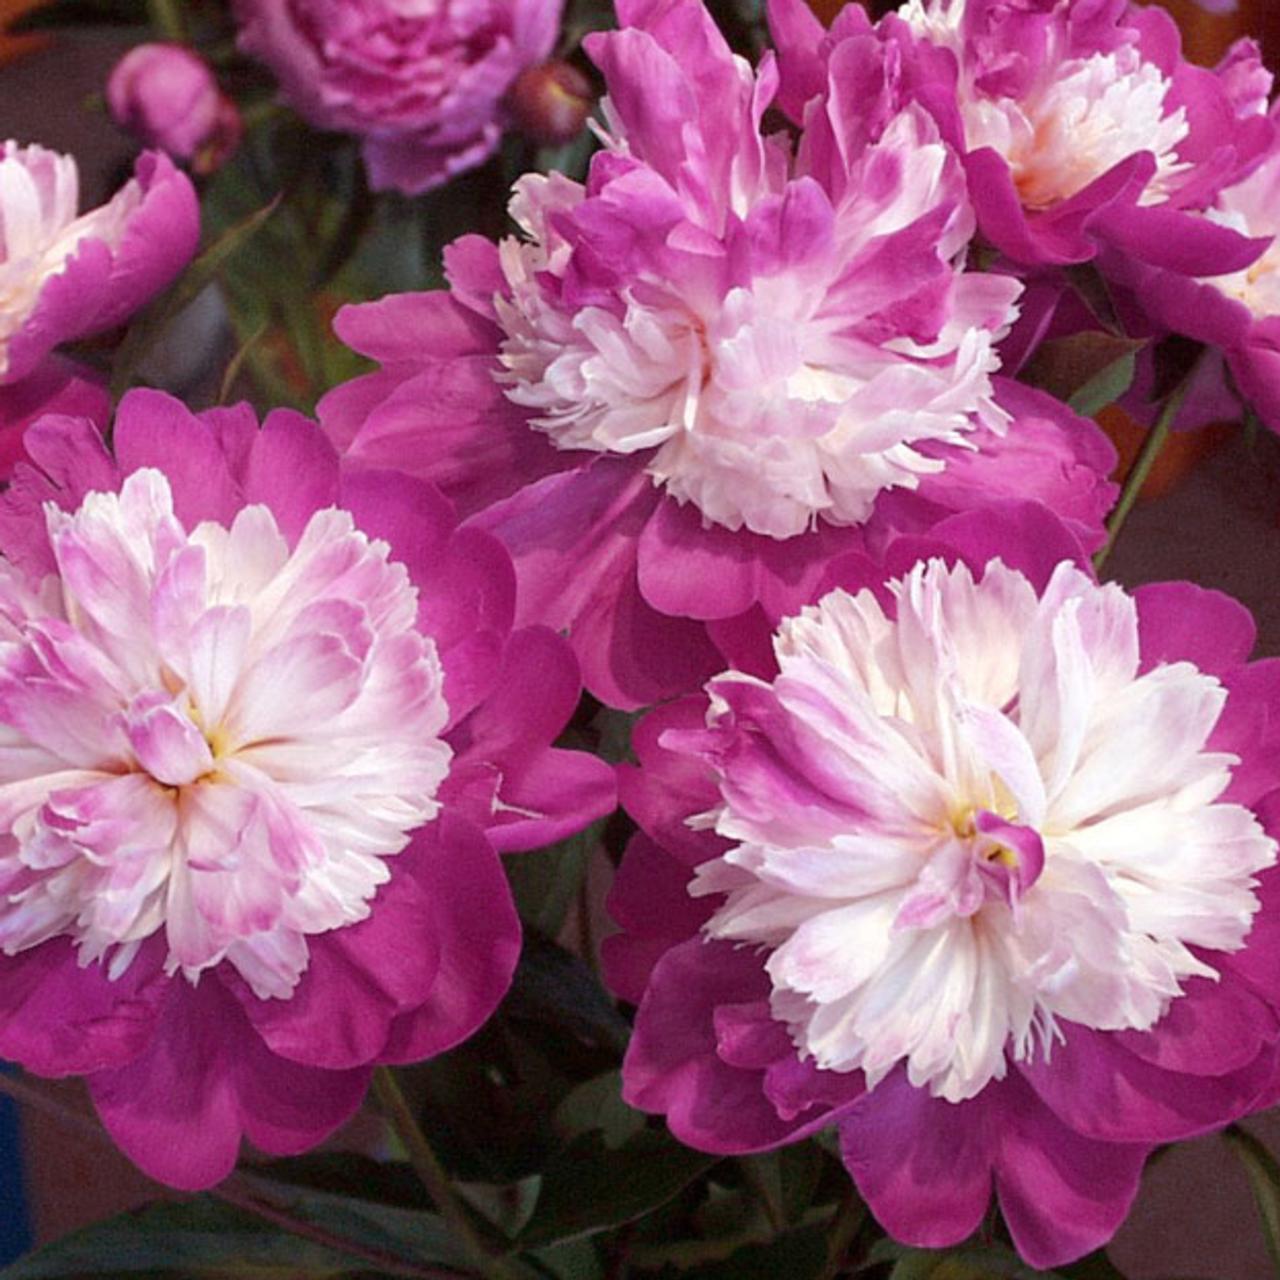 Paeonia lactiflora 'Gay Paree' plant